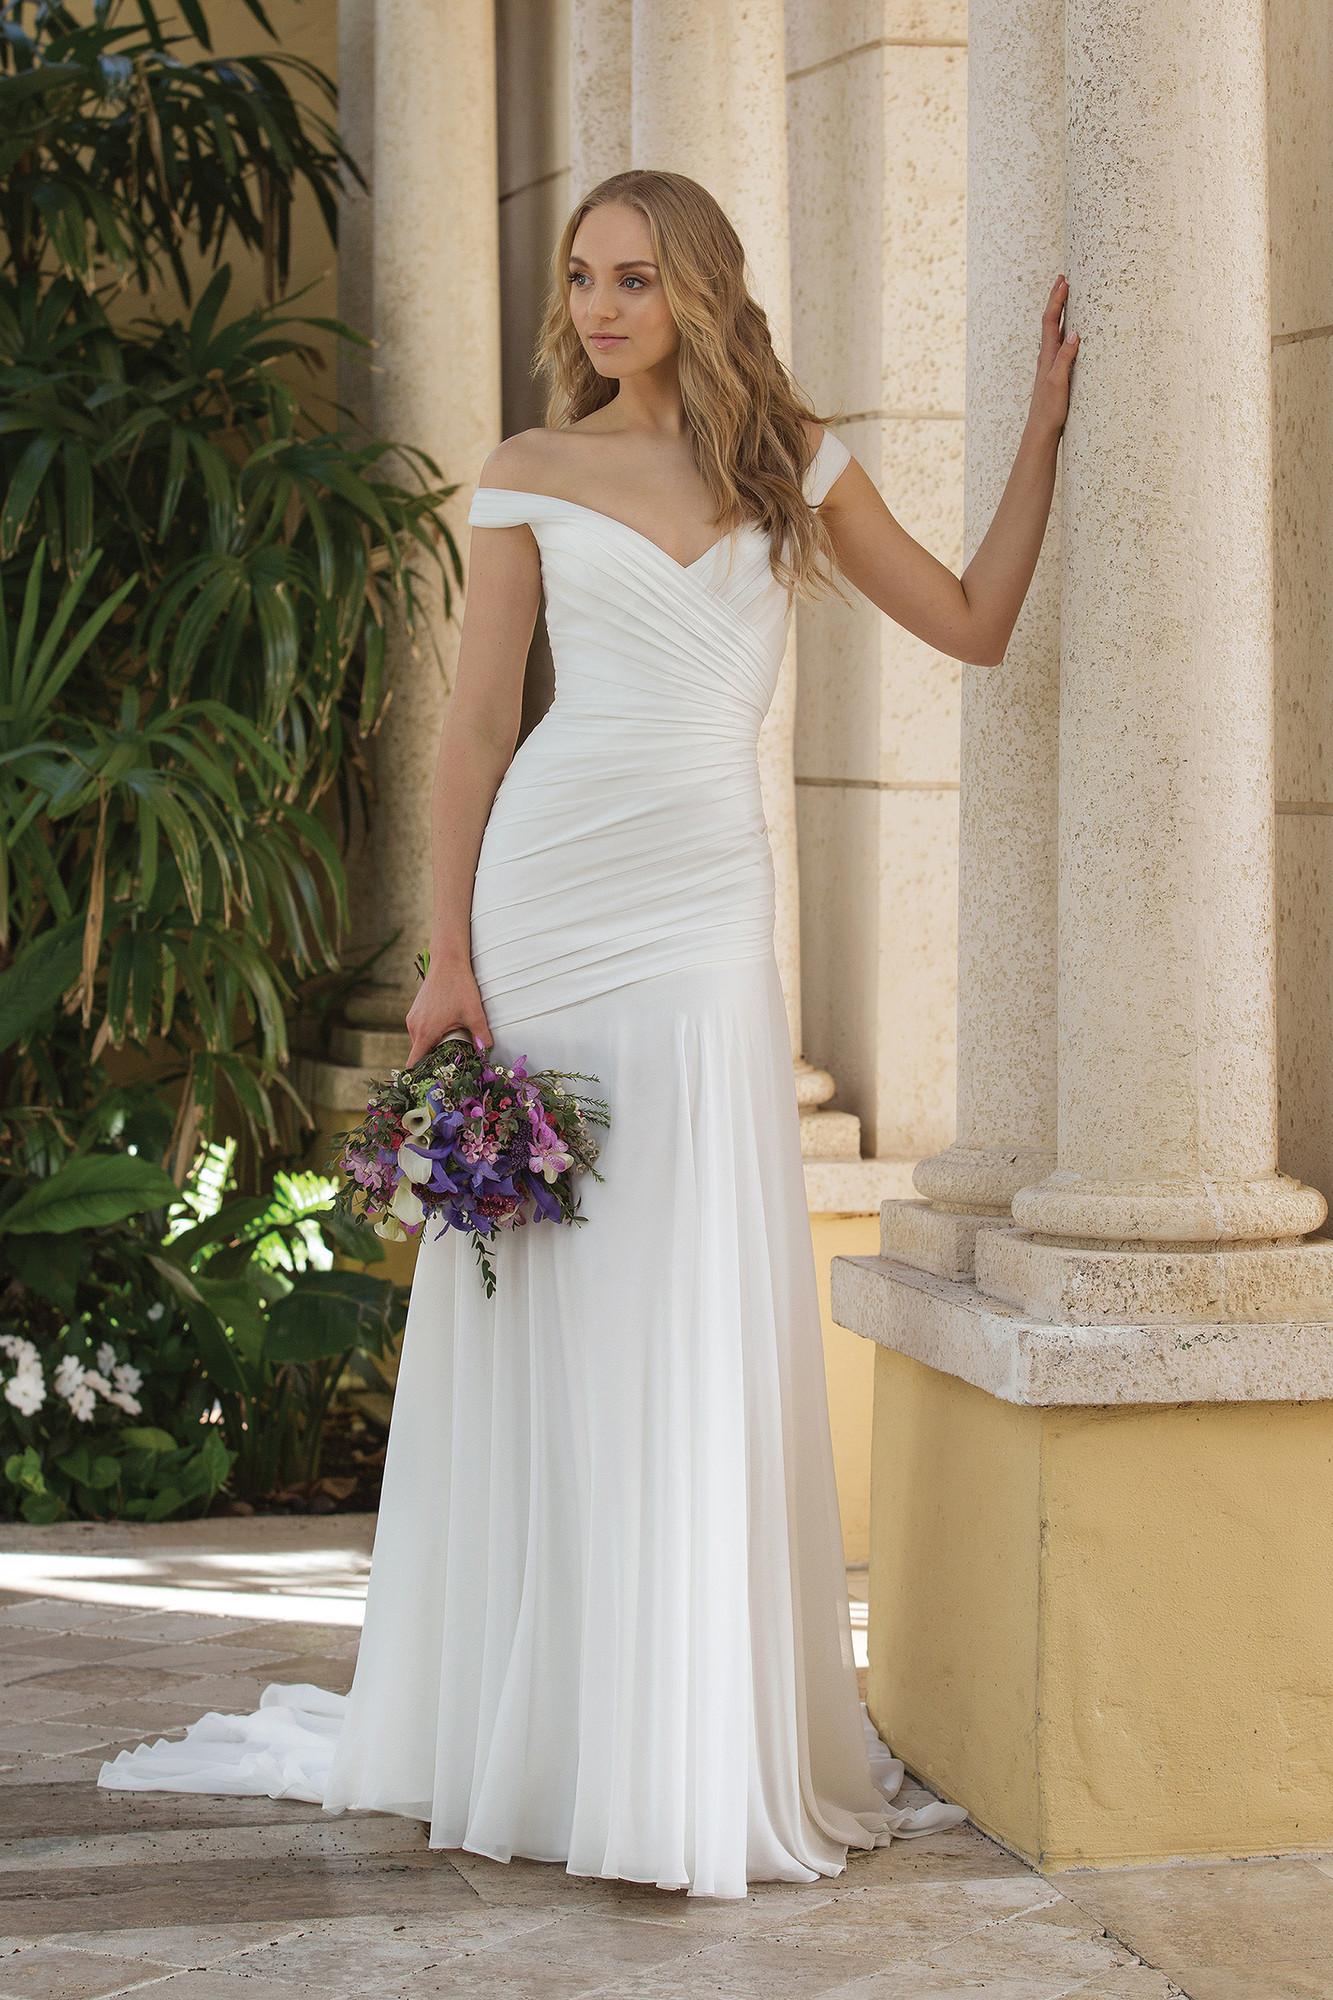 Wedding Dresses By Sincerity Bridal 44084 Weddingwire Ca